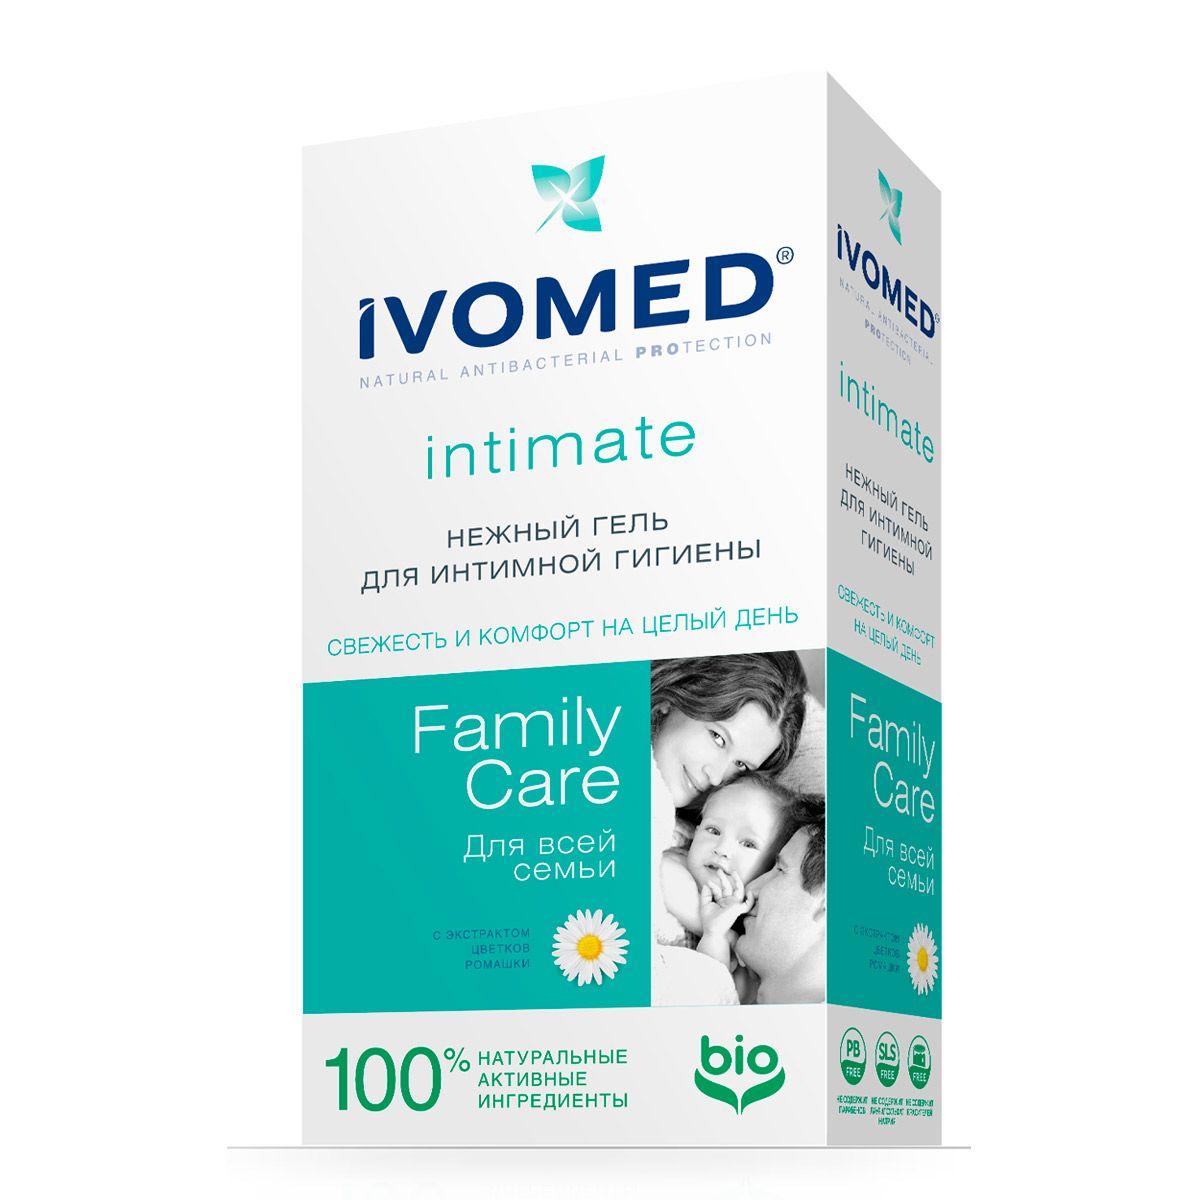 Гель для интимной гигиены Ivomed Family Care Ромашка 250мл РОКС